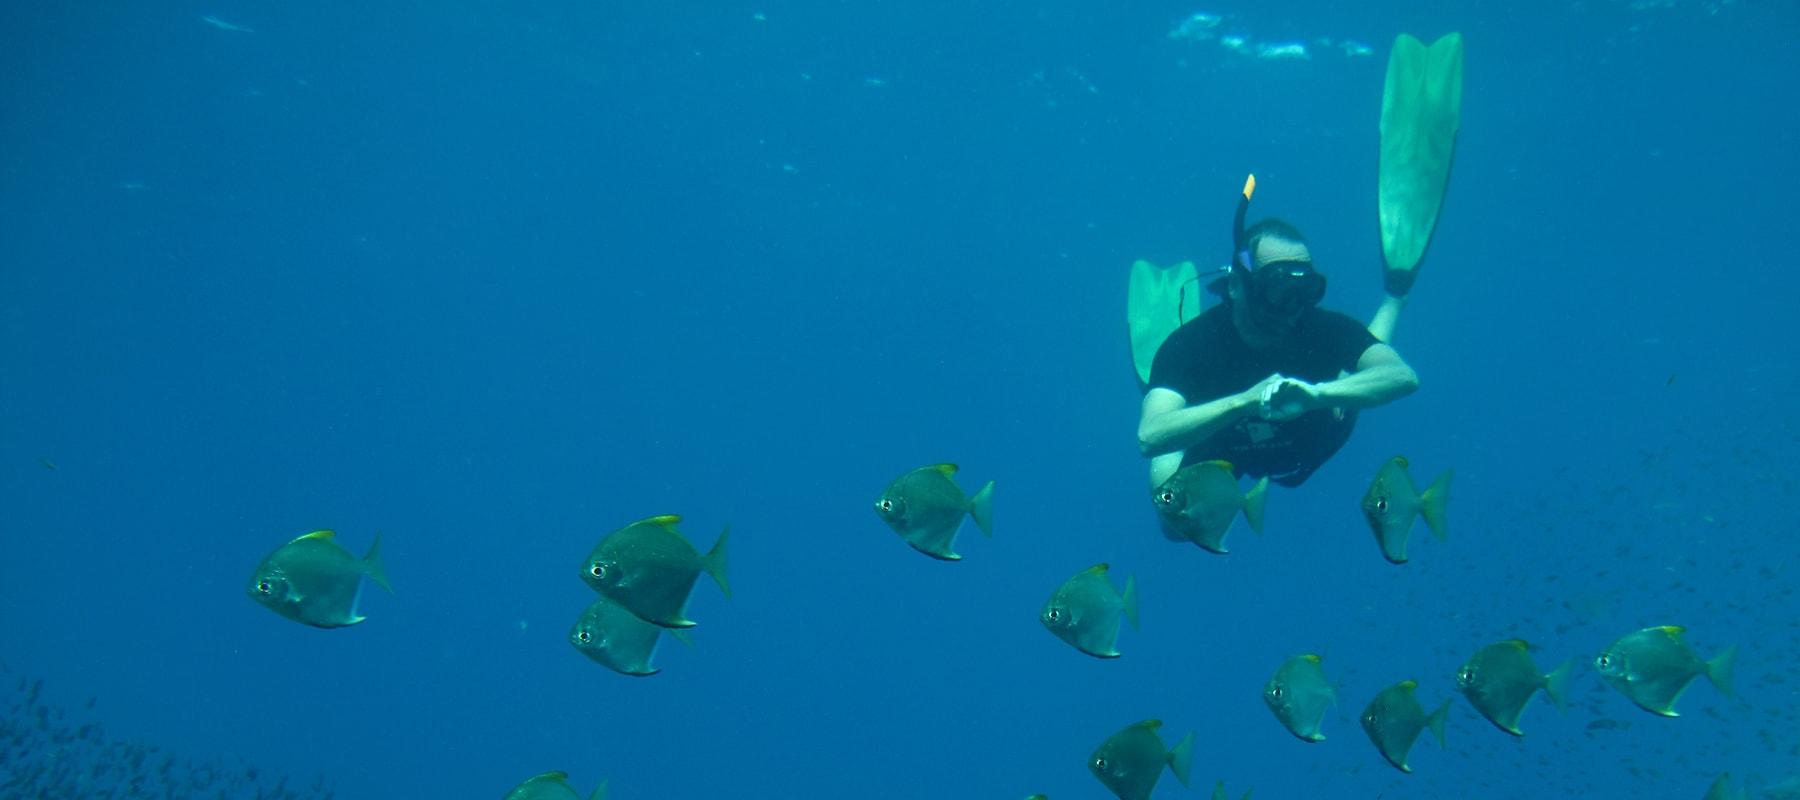 freediver-01